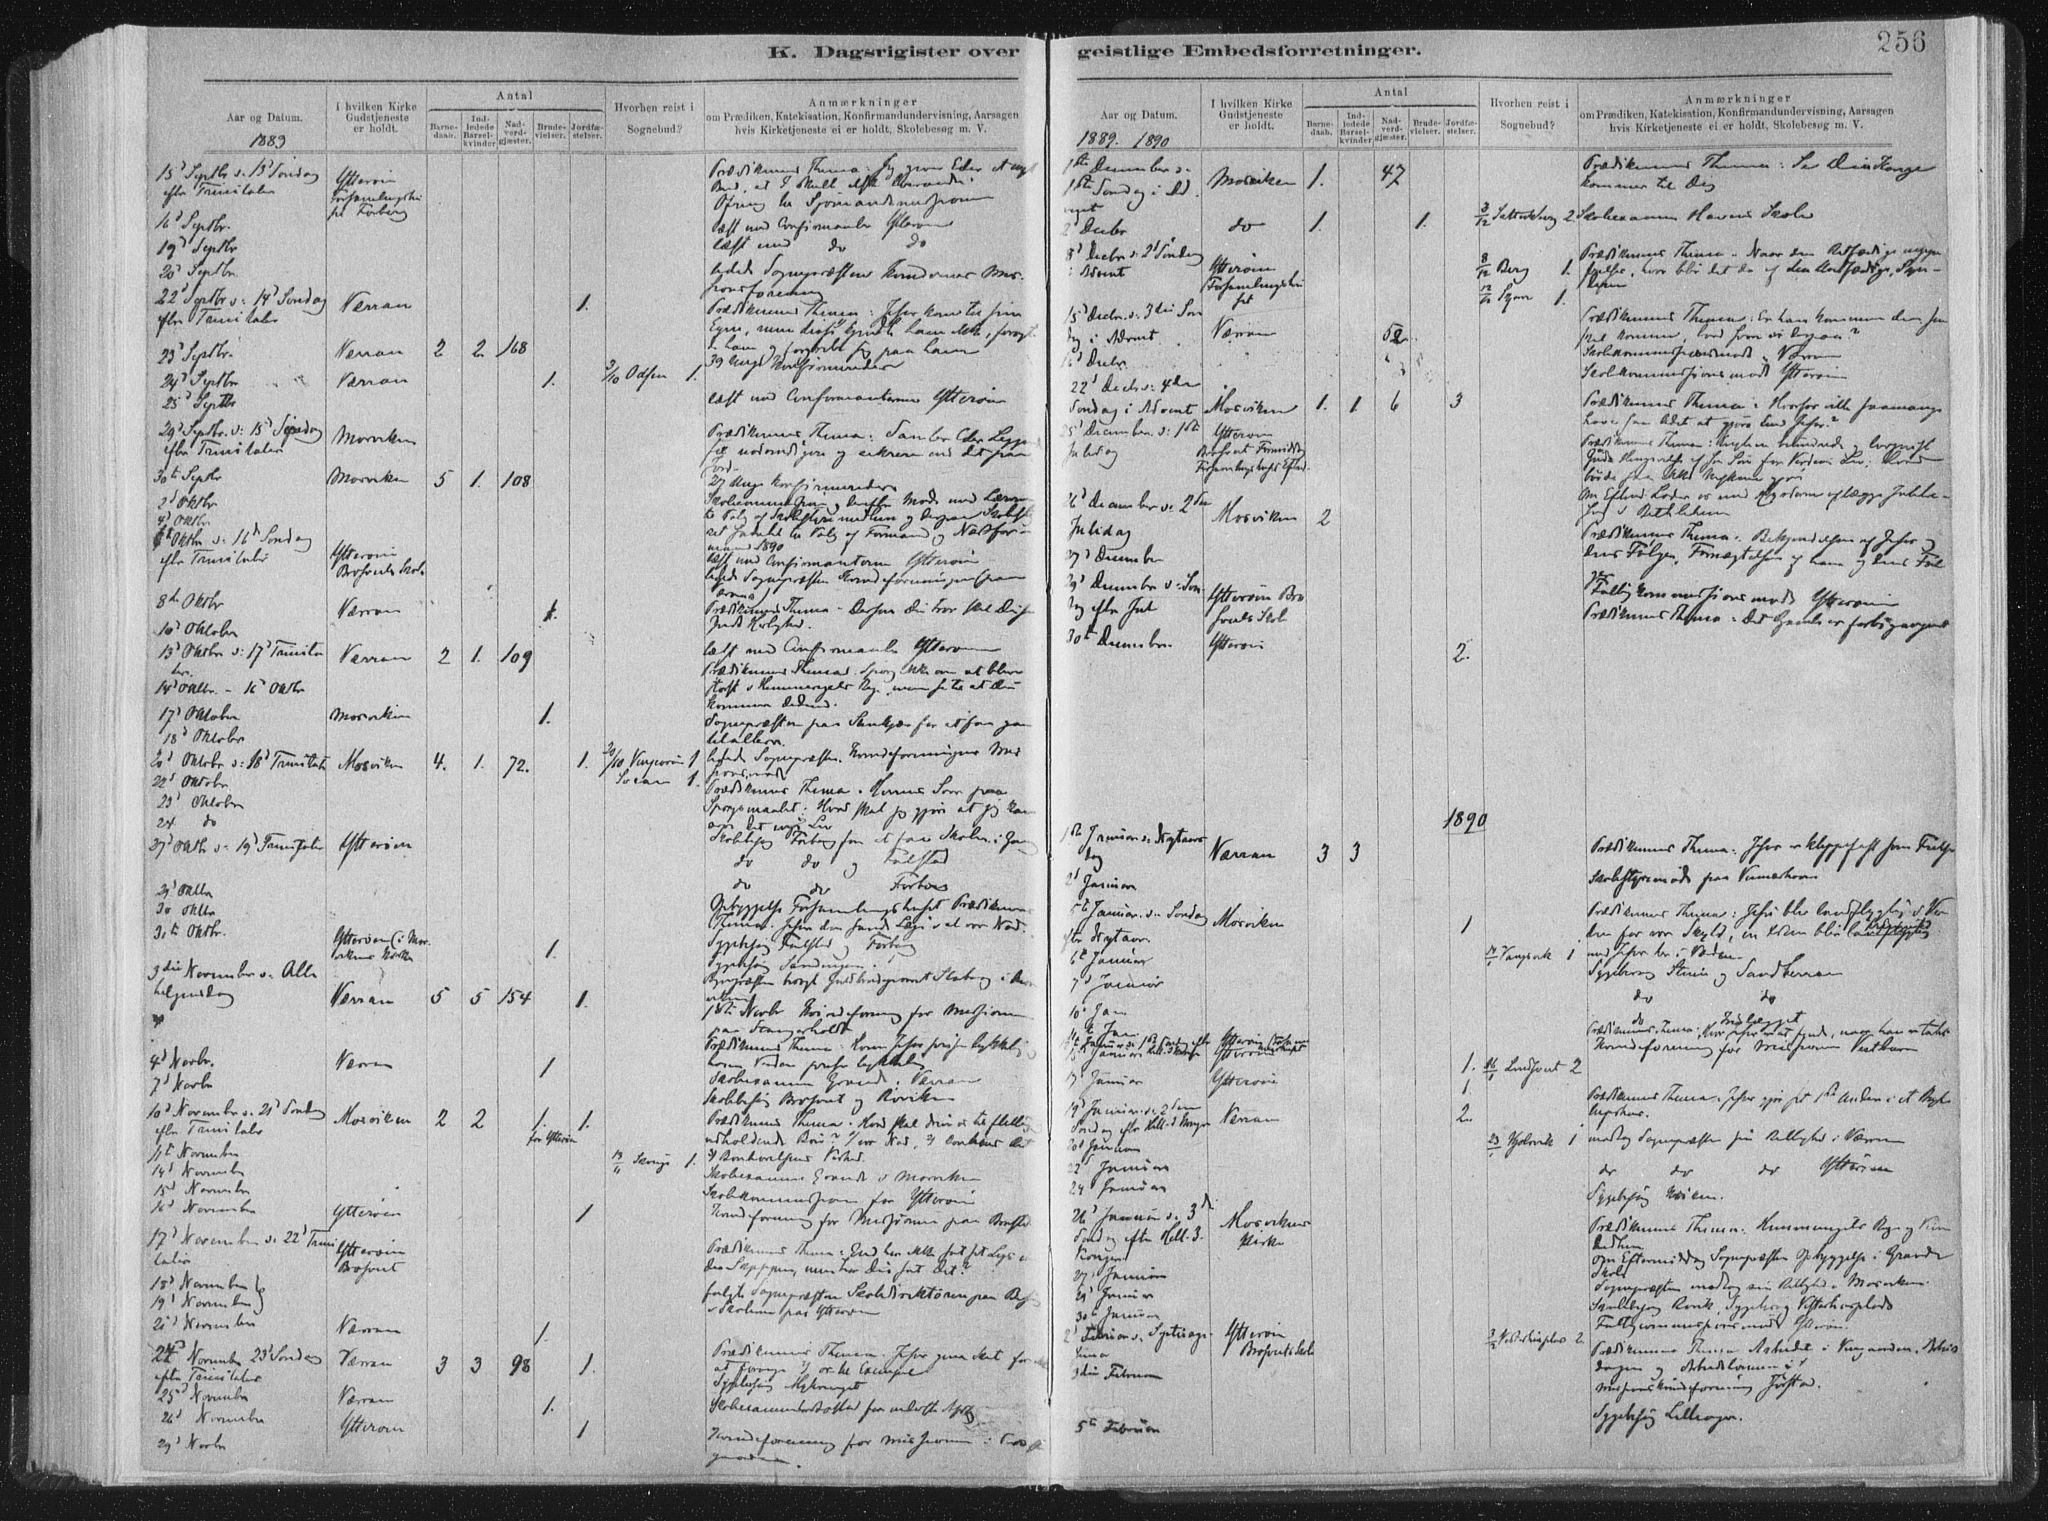 SAT, Ministerialprotokoller, klokkerbøker og fødselsregistre - Nord-Trøndelag, 722/L0220: Ministerialbok nr. 722A07, 1881-1908, s. 256